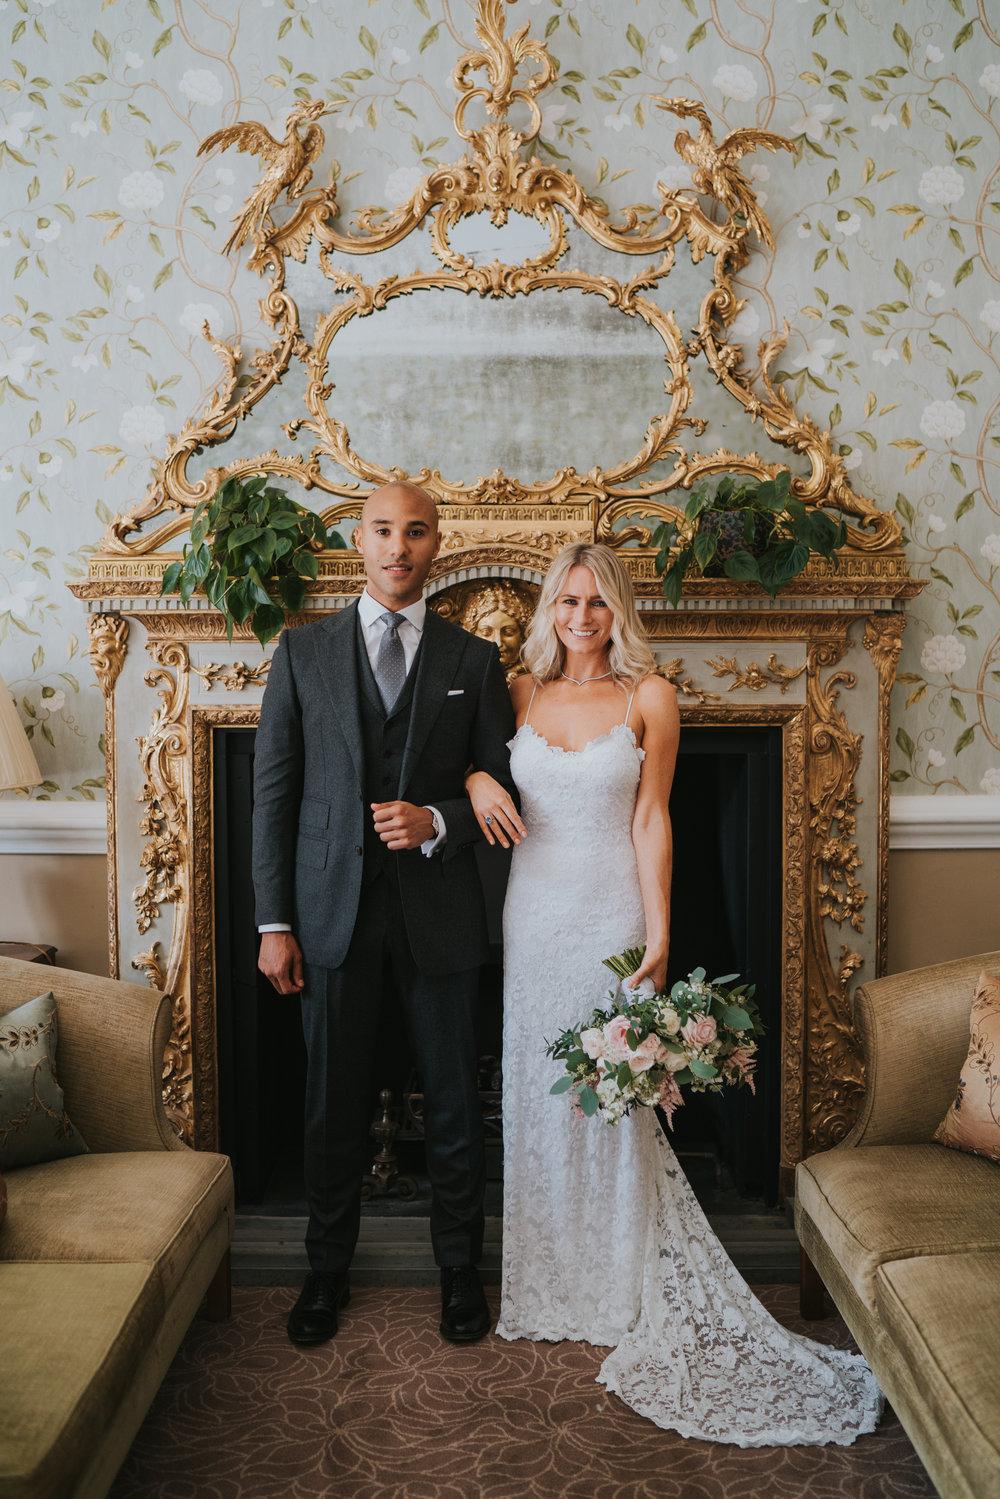 intimate-english-church-wedding-sarah-alex-colchester-essex-grace-elizabeth-colchester-essex-alternative-wedding-lifestyle-photographer-essex-suffolk-norfolk-devon (13 of 92).jpg